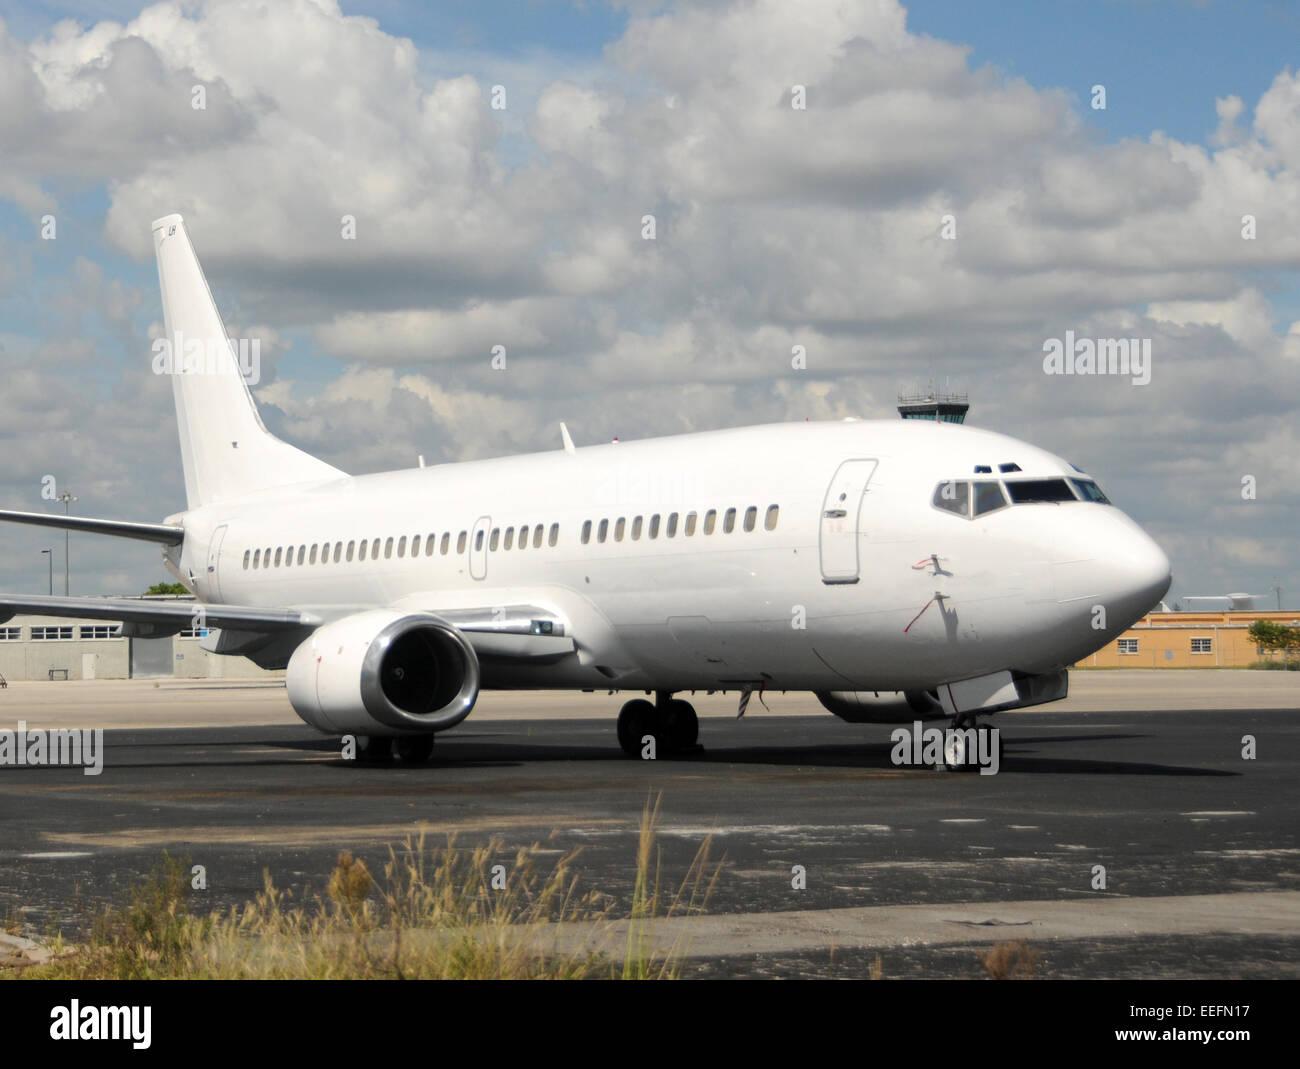 Avión de pasajeros moderno en unmarked pintura blanca Boeing 737 Imagen De Stock